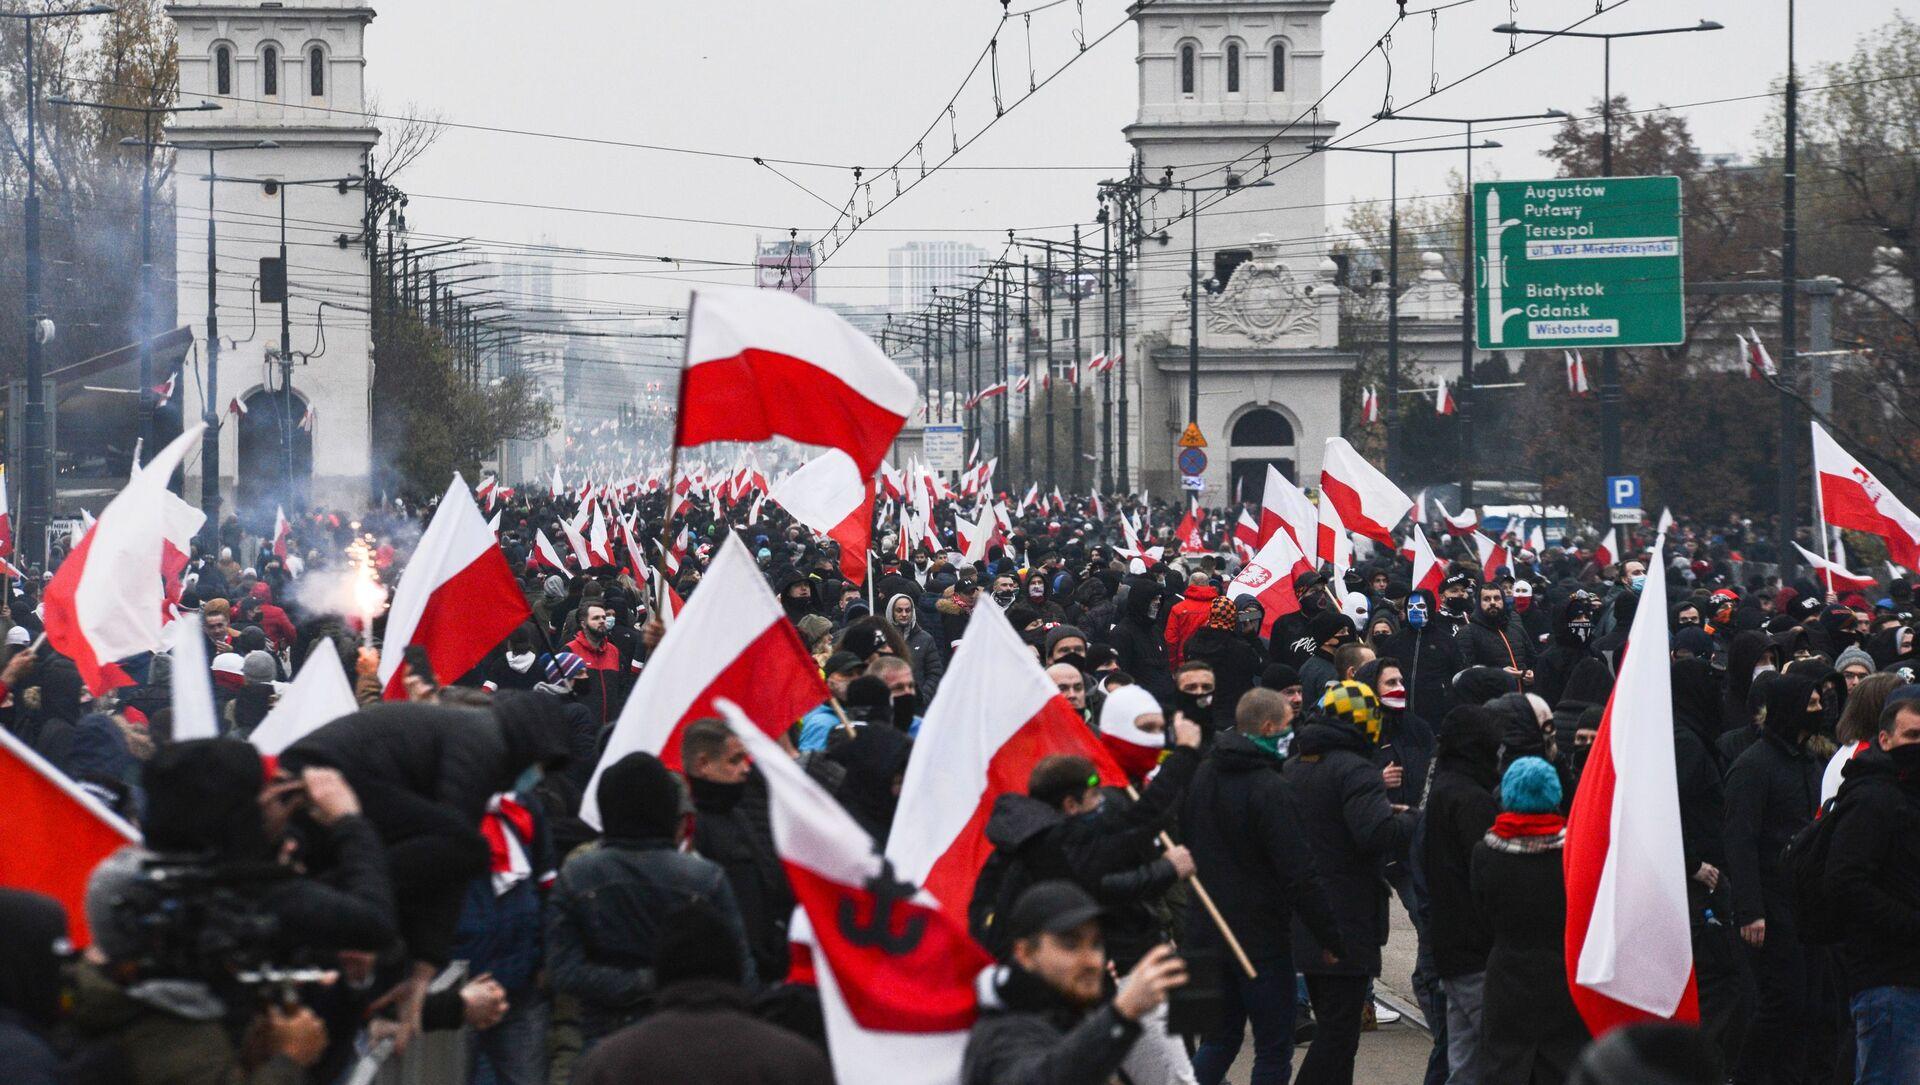 Účastníci tradičního pochodu ve Varšavě uspořádaného nacionalisty při příležitosti Dne nezávislosti Polska - Sputnik Česká republika, 1920, 27.02.2021